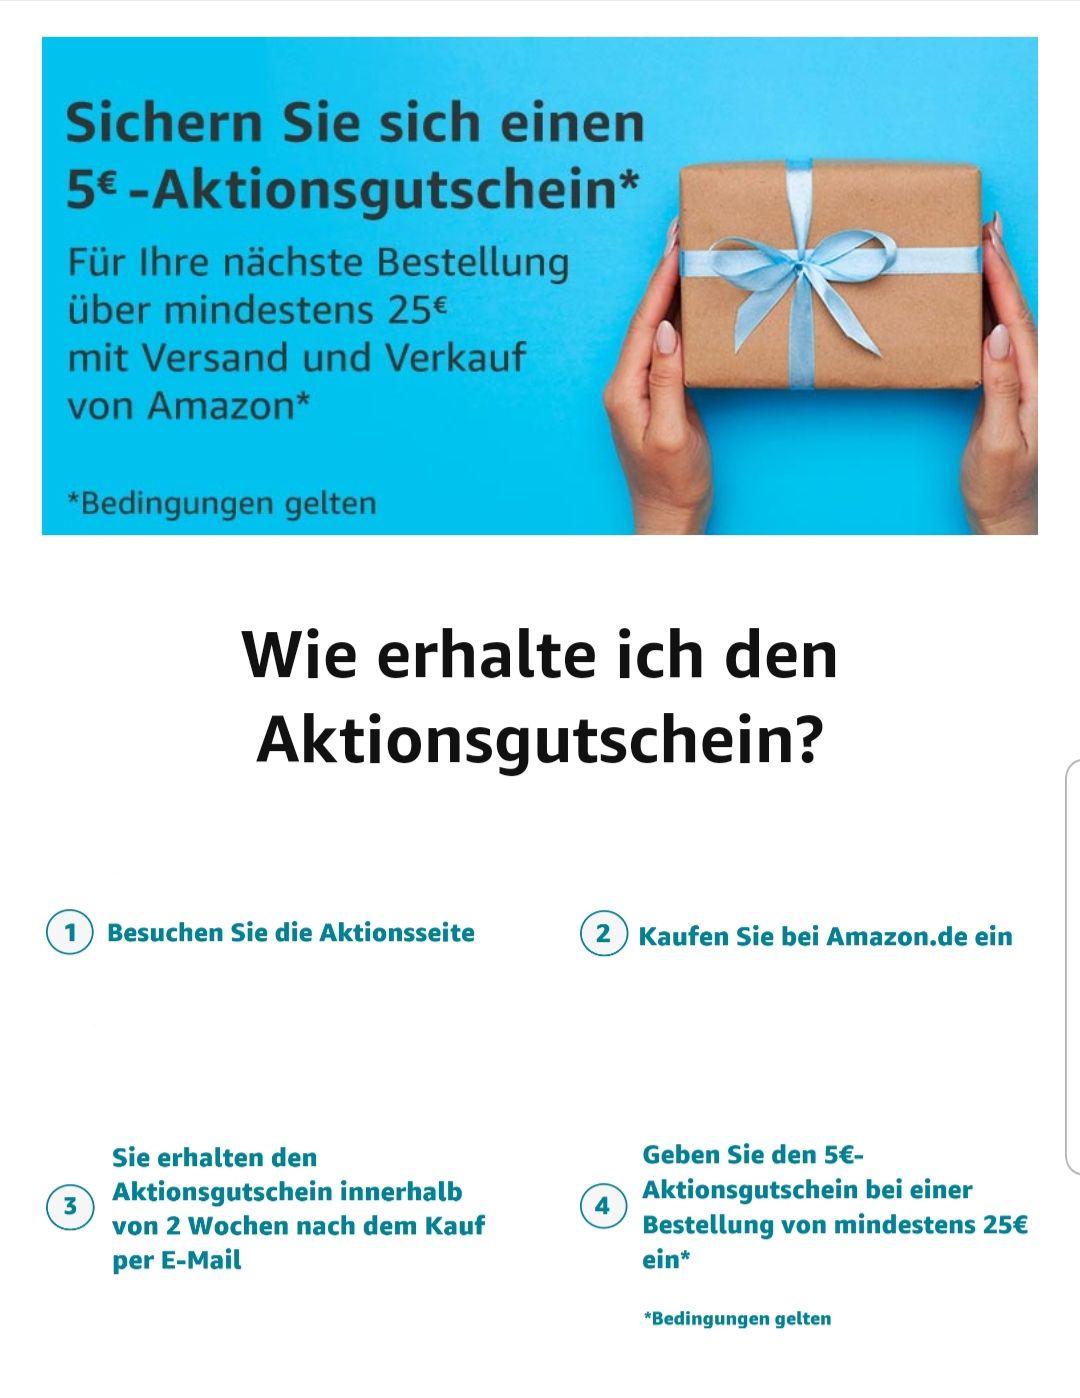 5€ Amazon Aktionsgutschein für Ihre nächste Bestellung über 25€